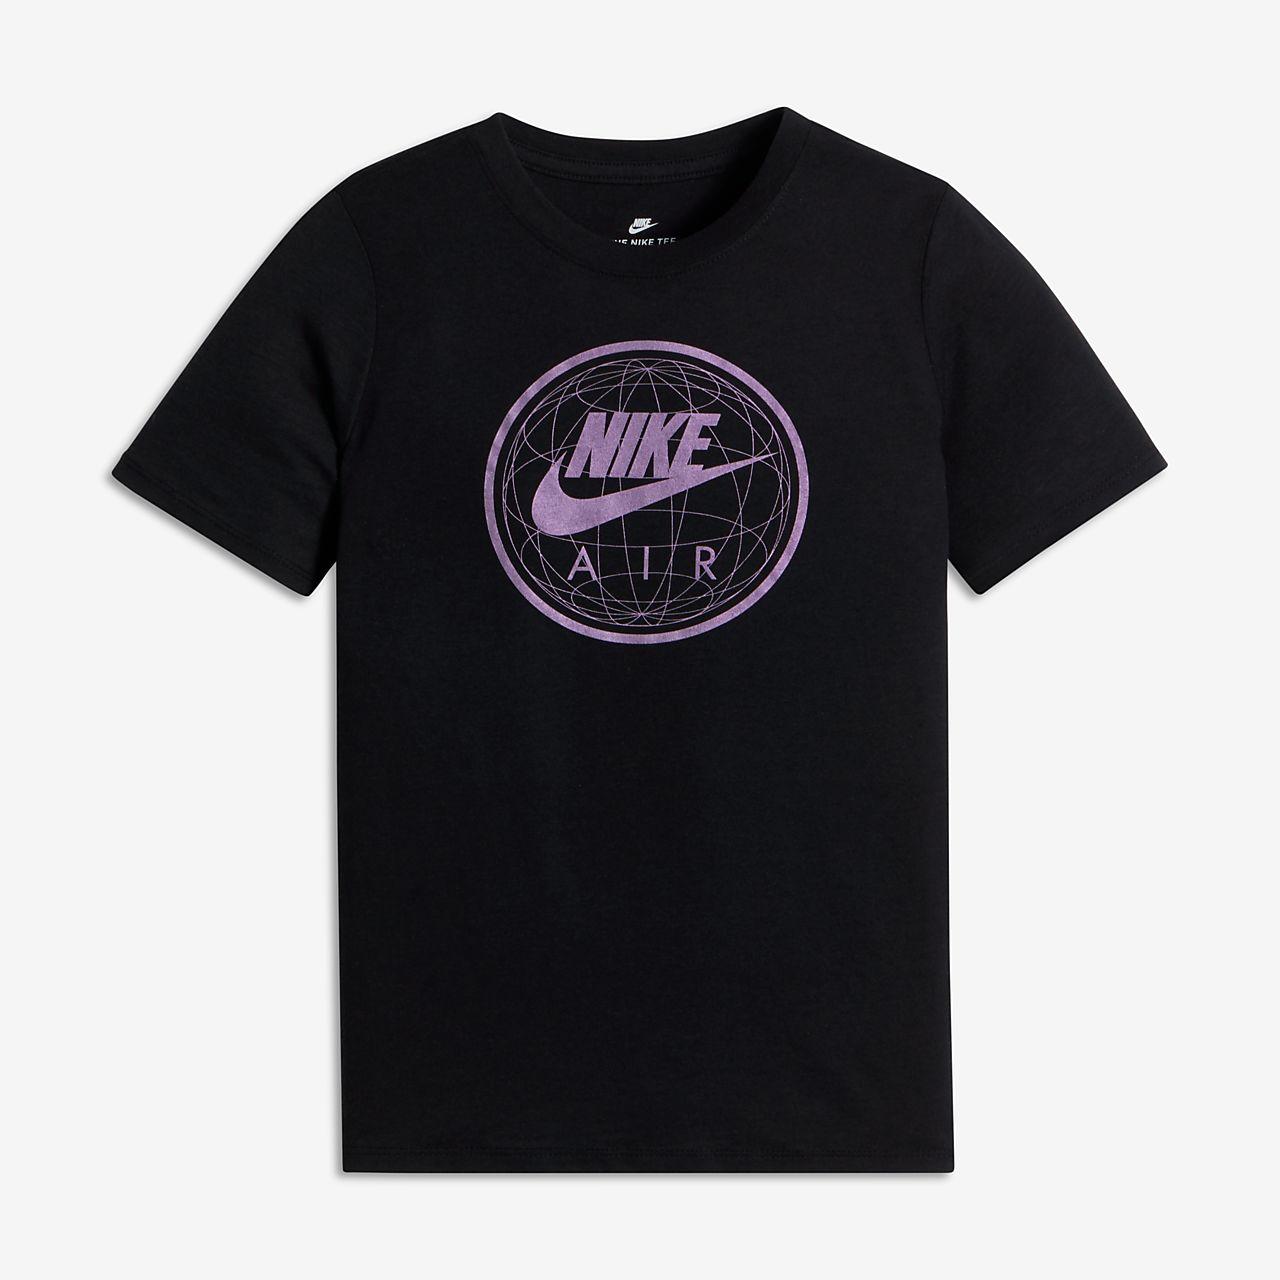 Nike Sportswear Air World Big Kids' T-Shirts Black